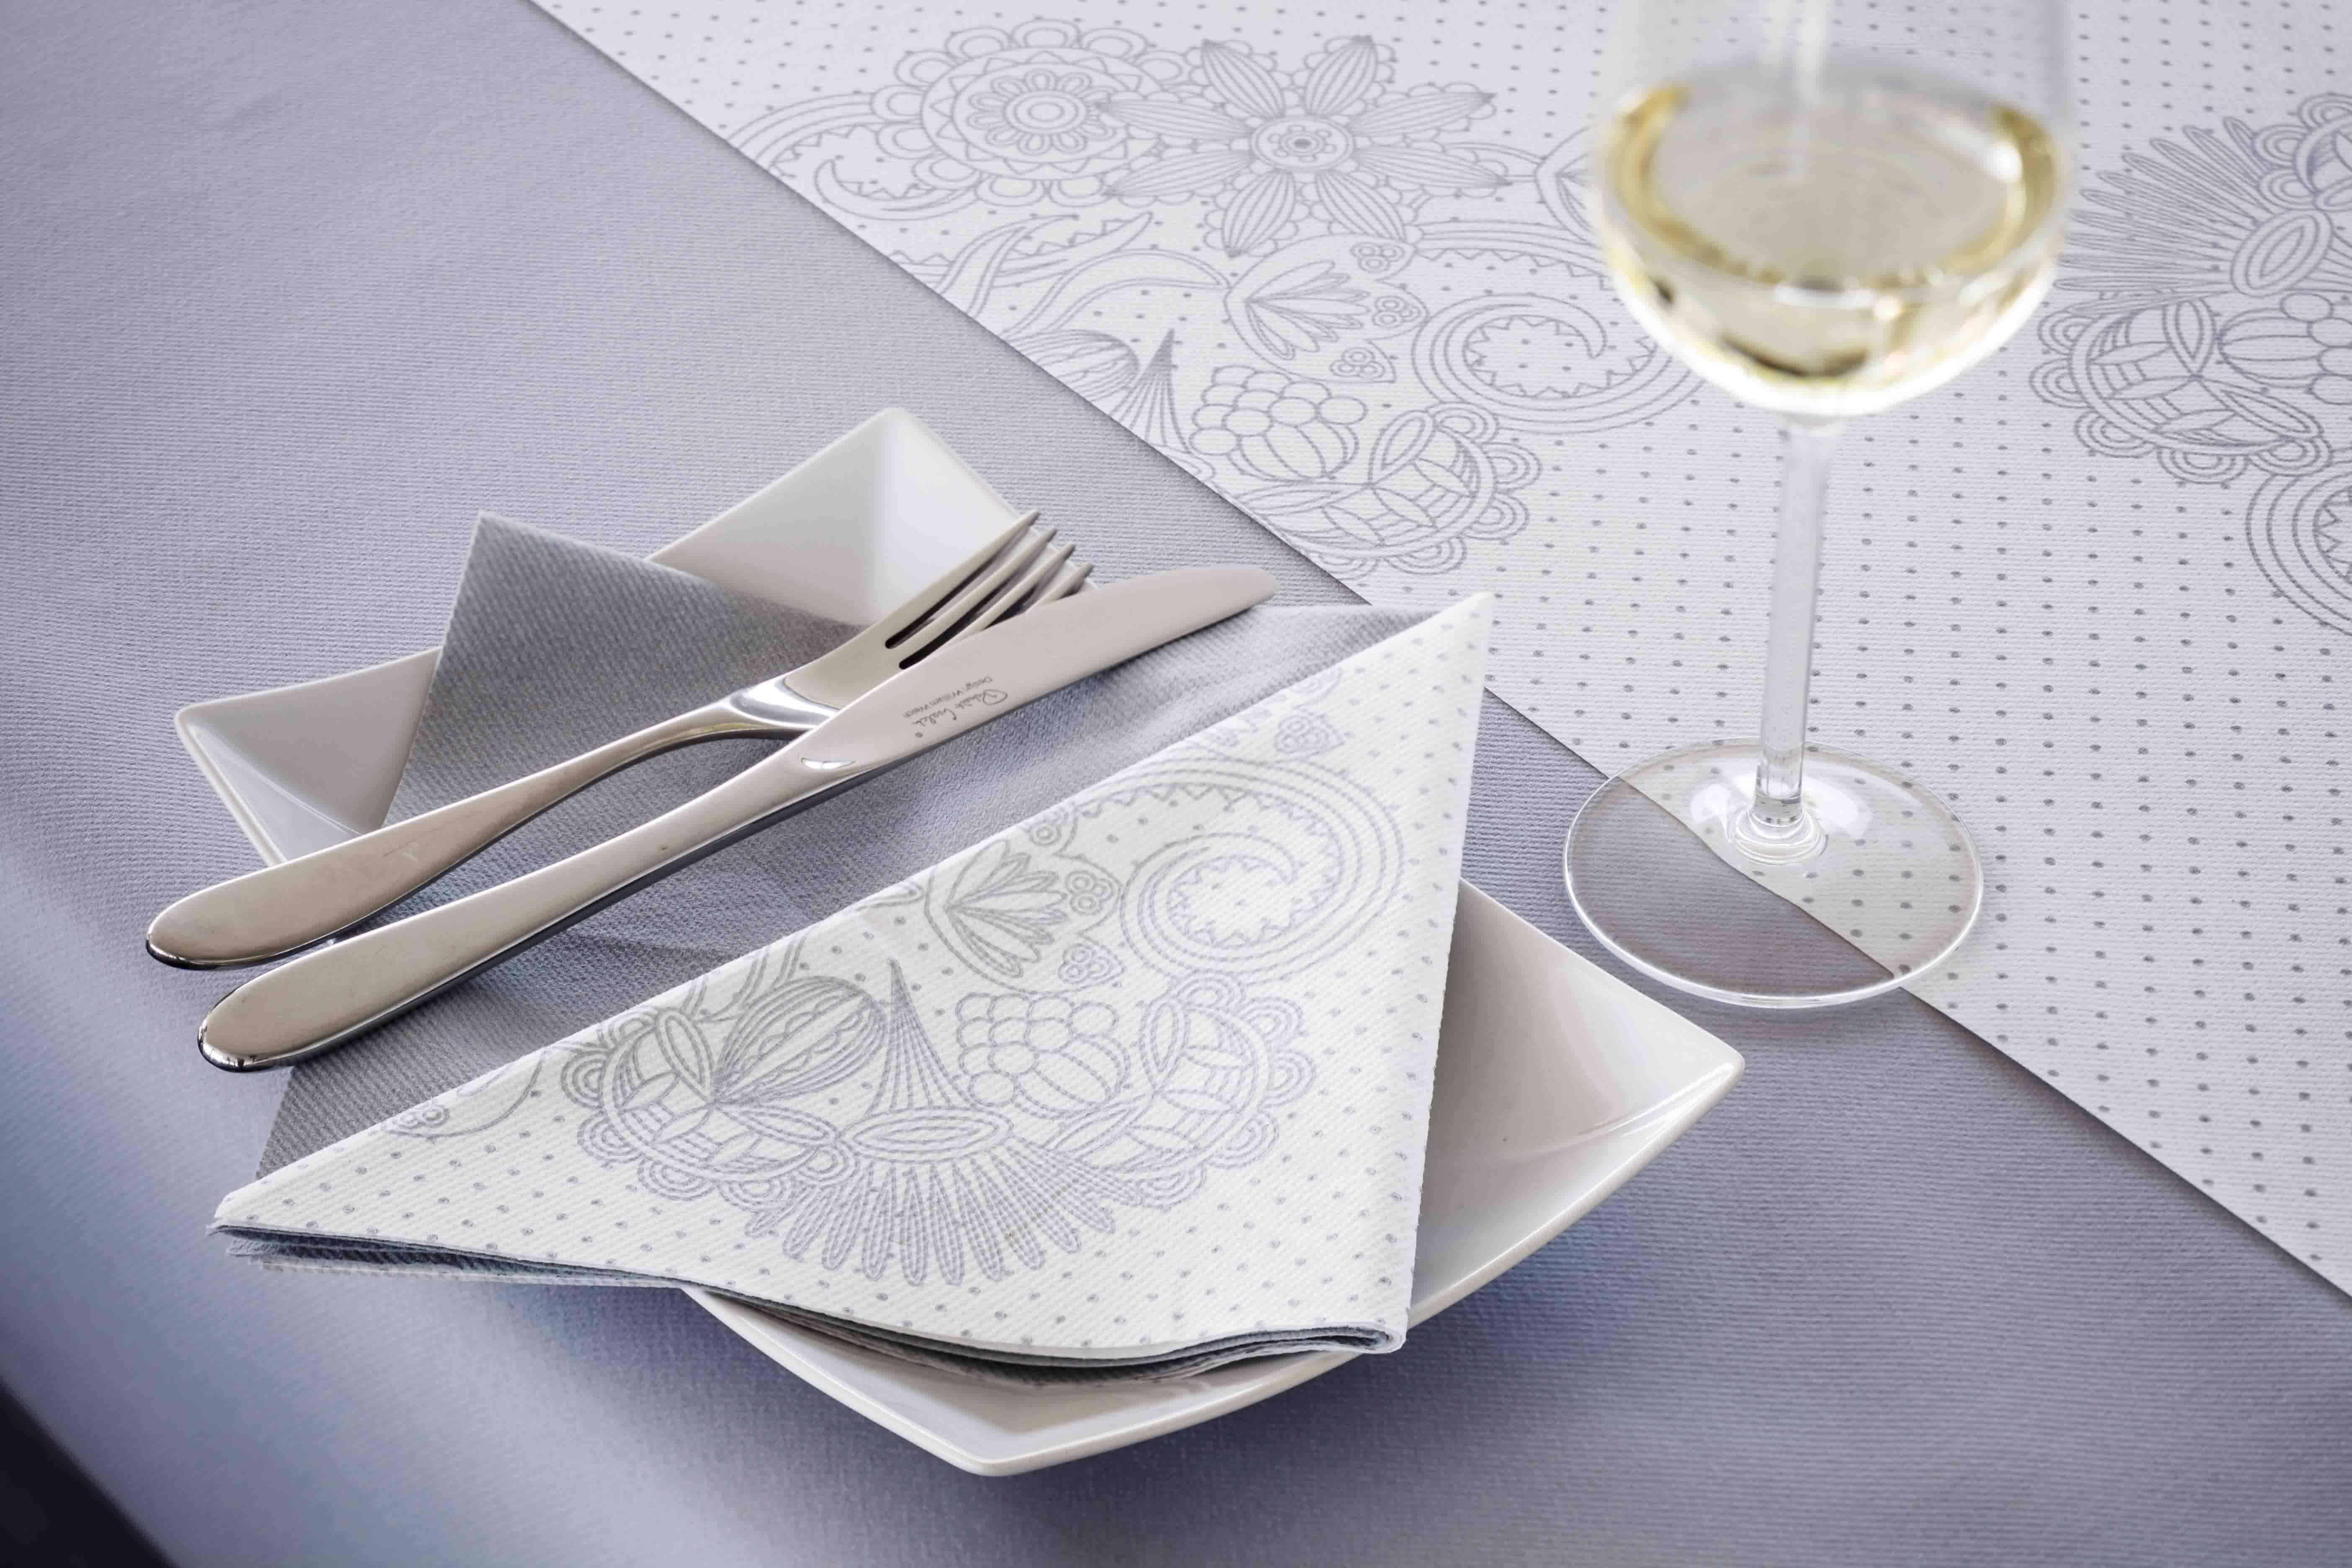 Etoile Papier Decoration Maison Asie